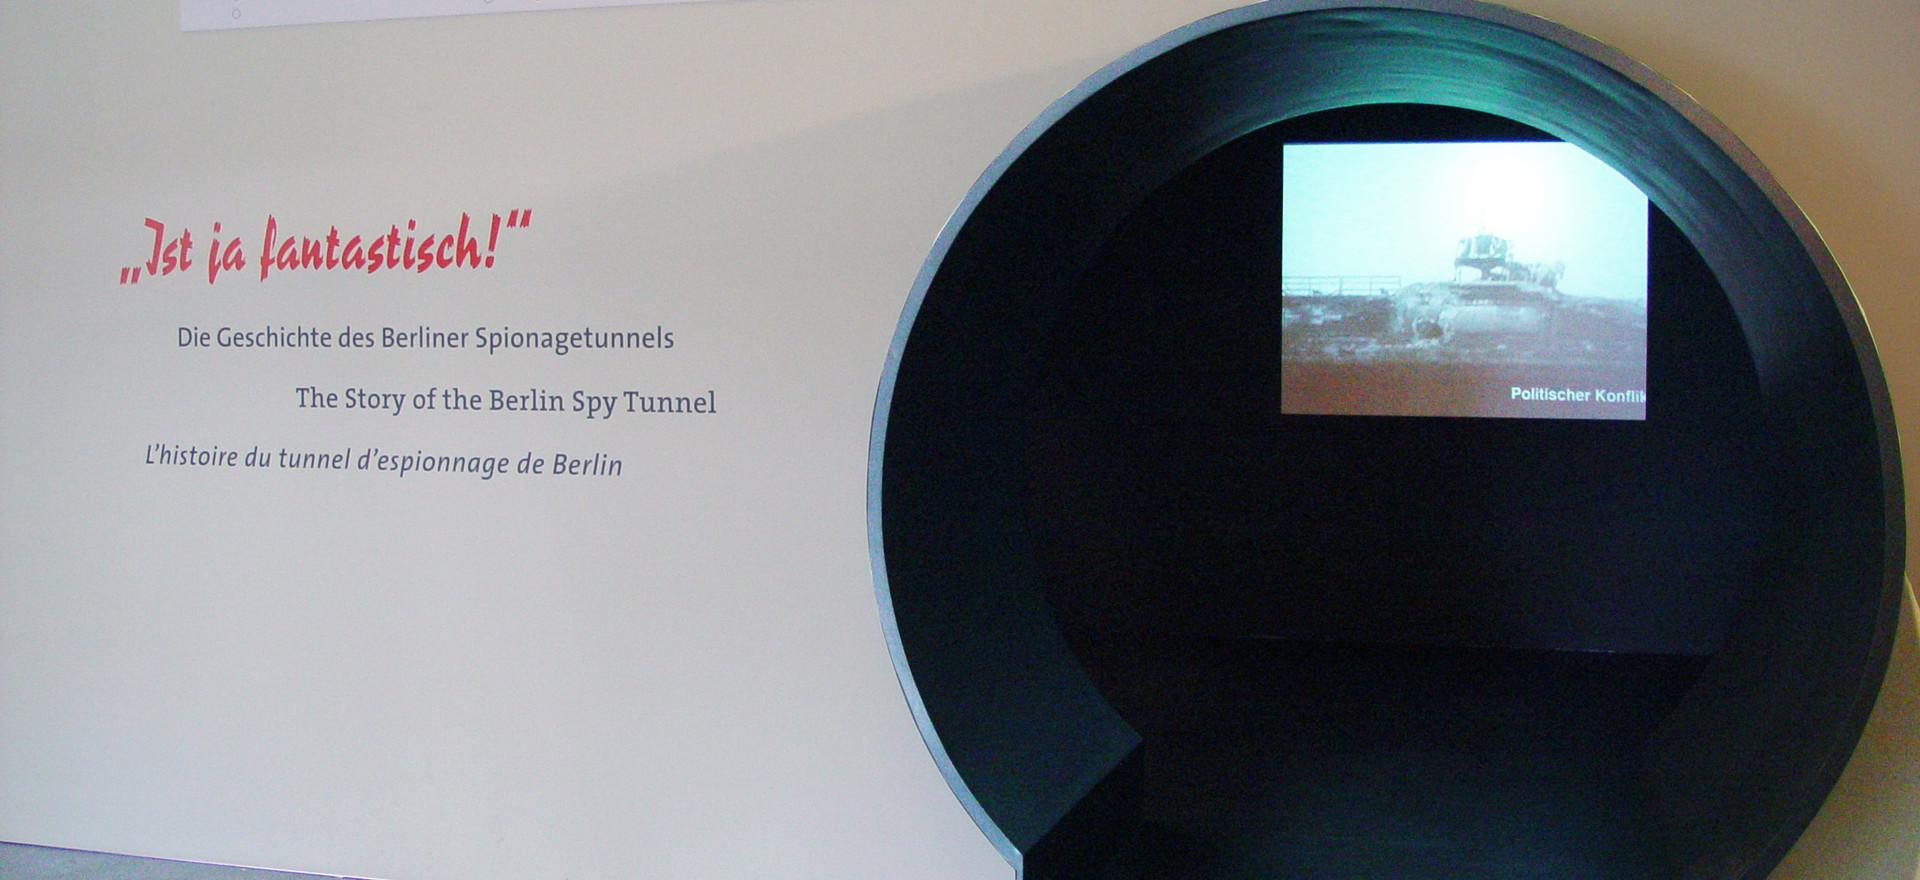 Ist ja fantastisch - Zur Geschichte des Berliner Spionagetunnels